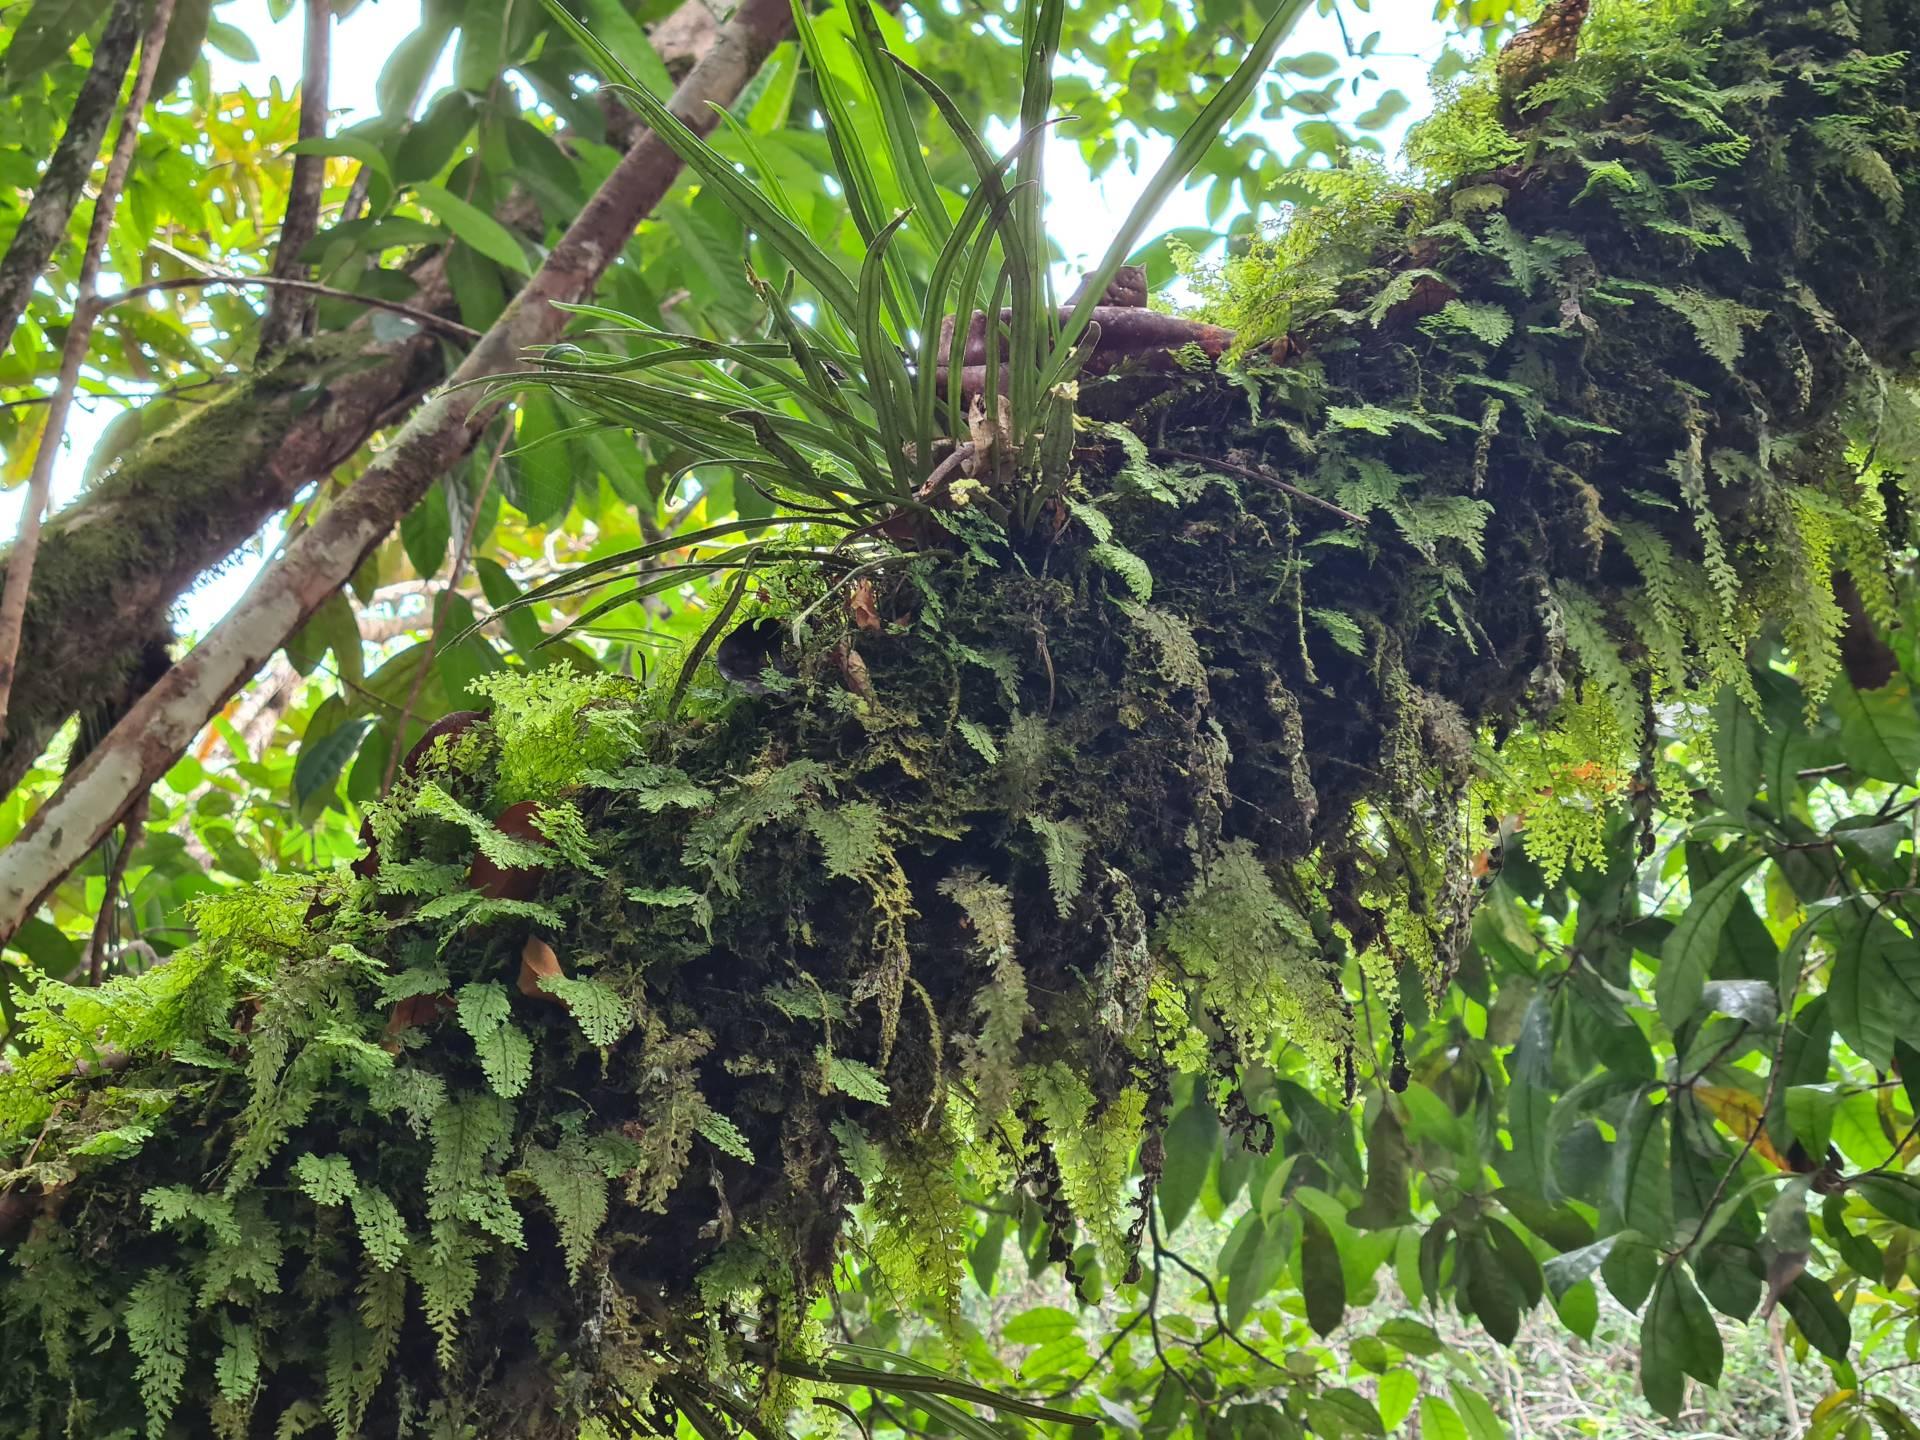 ствол дерева, обросший папоротником